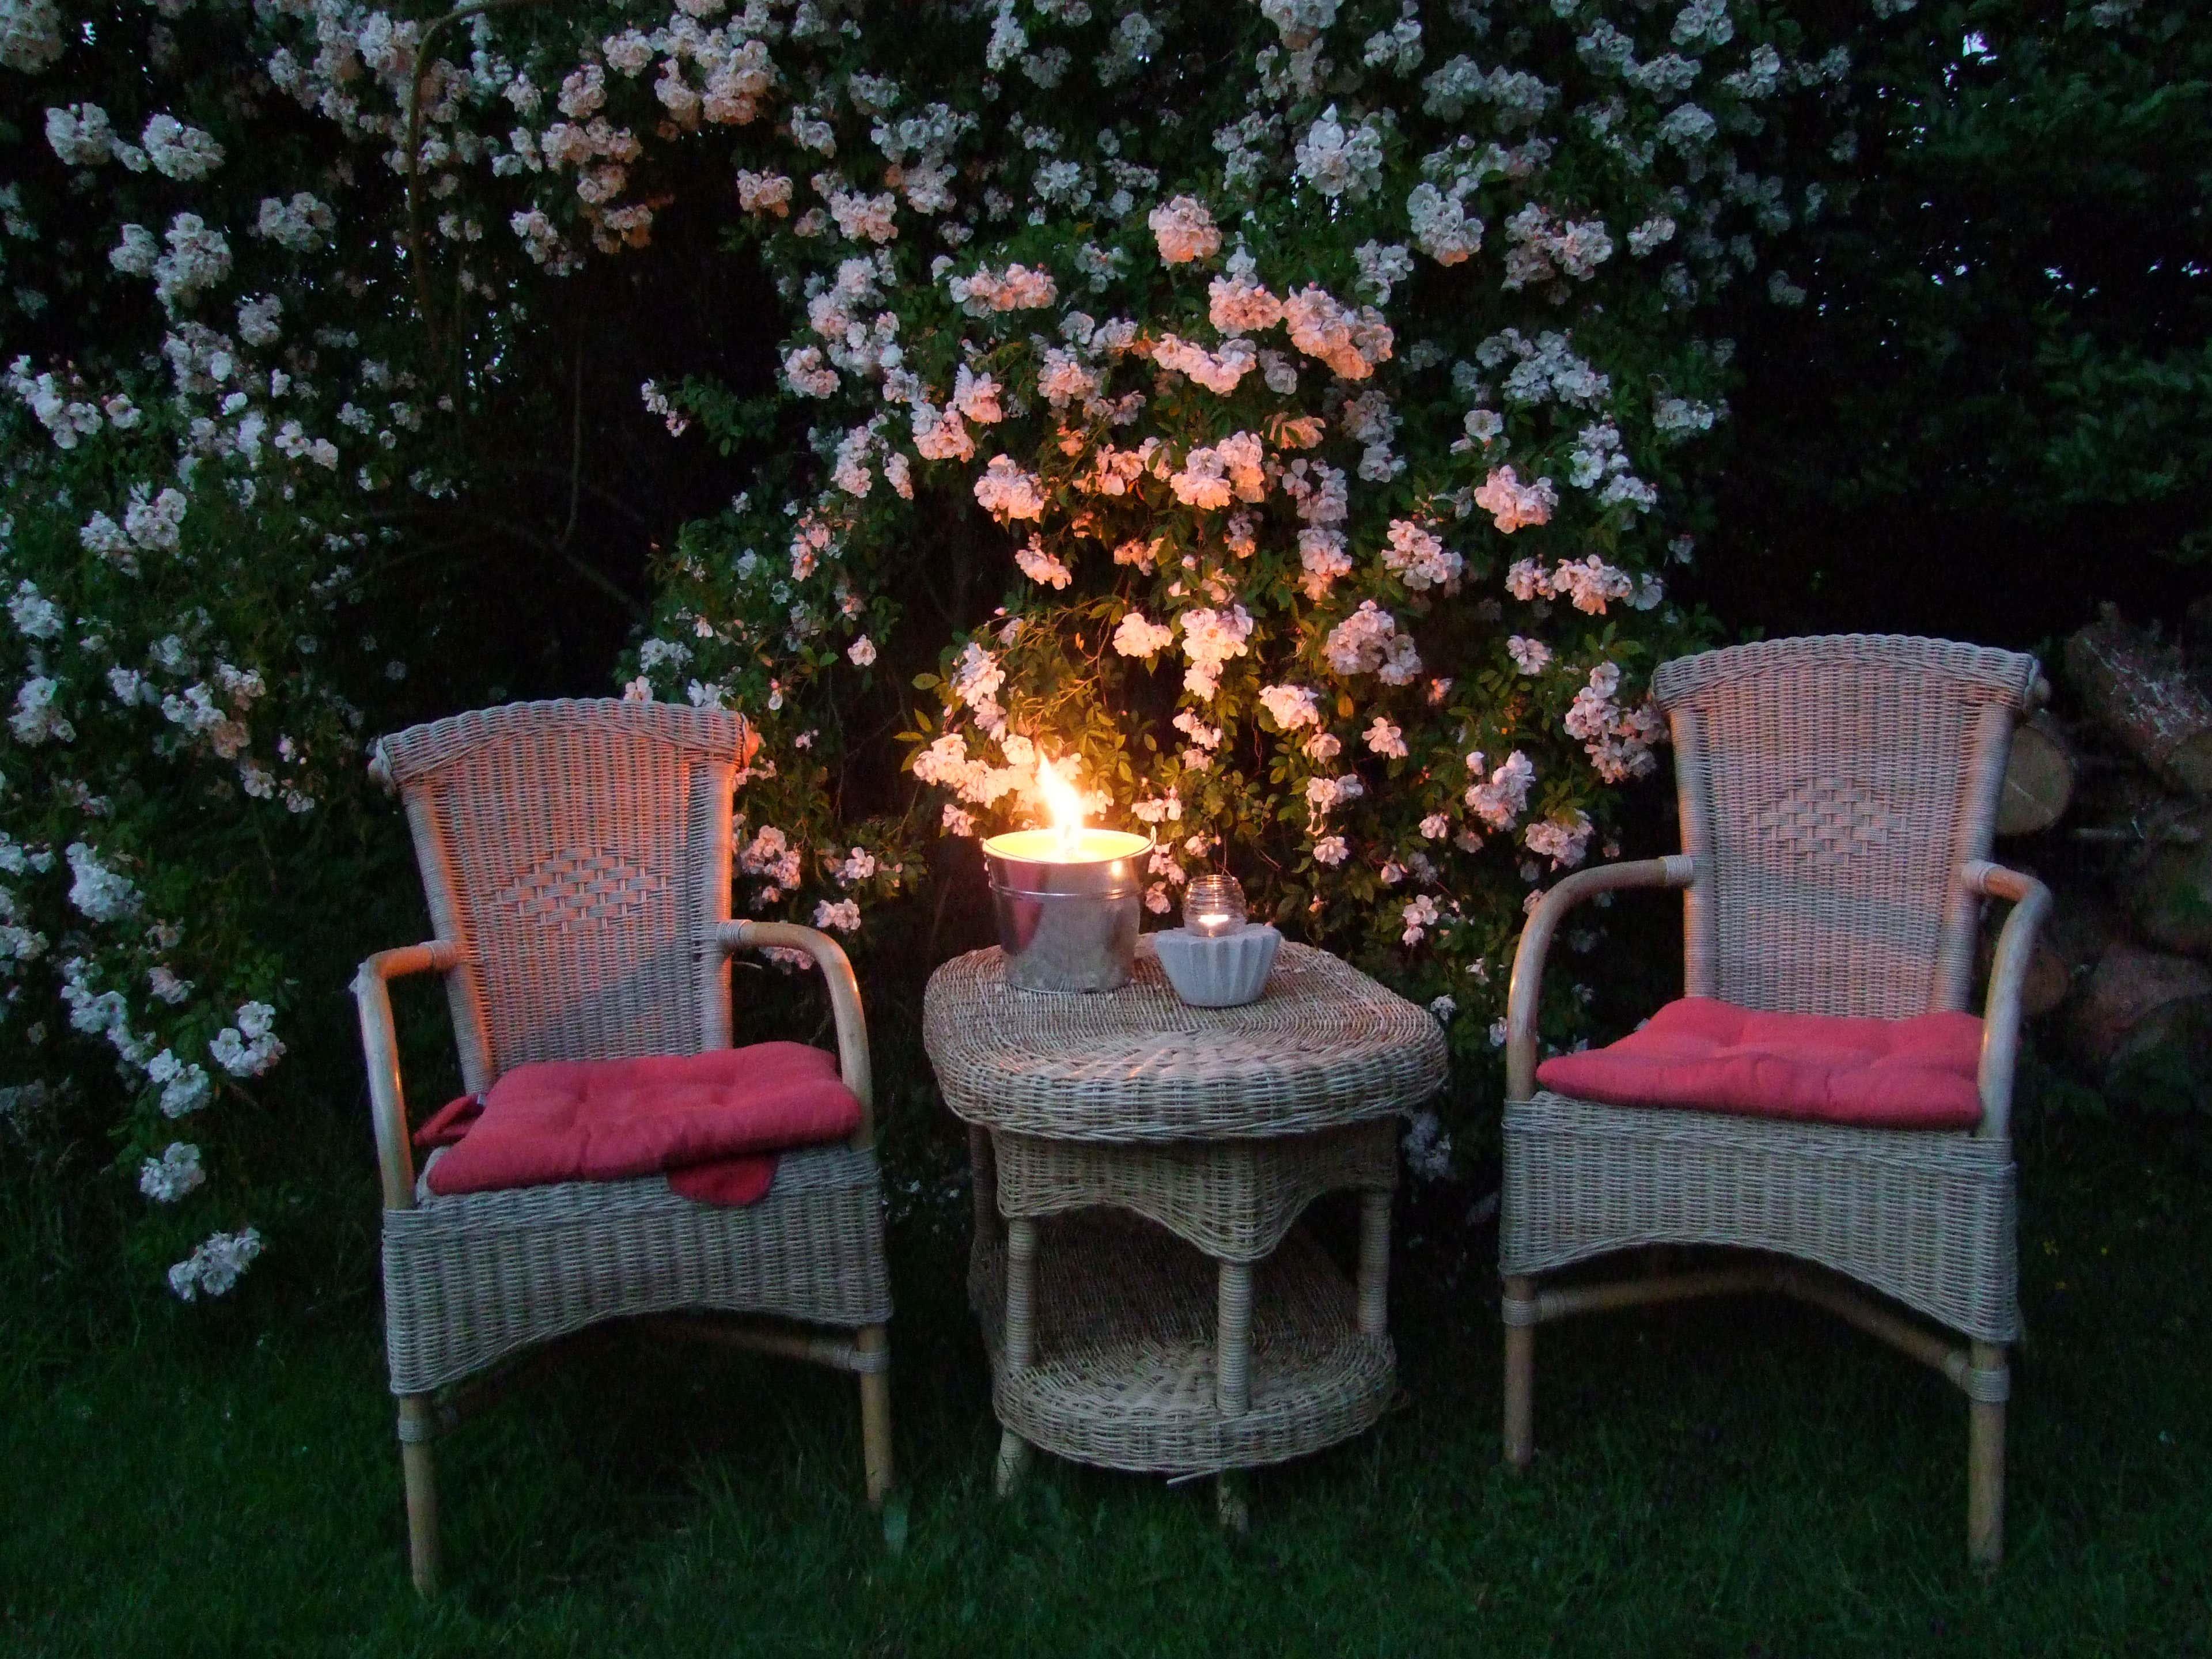 Romantik pur – diese Sitzecke würde auch perfekt ins Susans rosa Gartentraum passen.